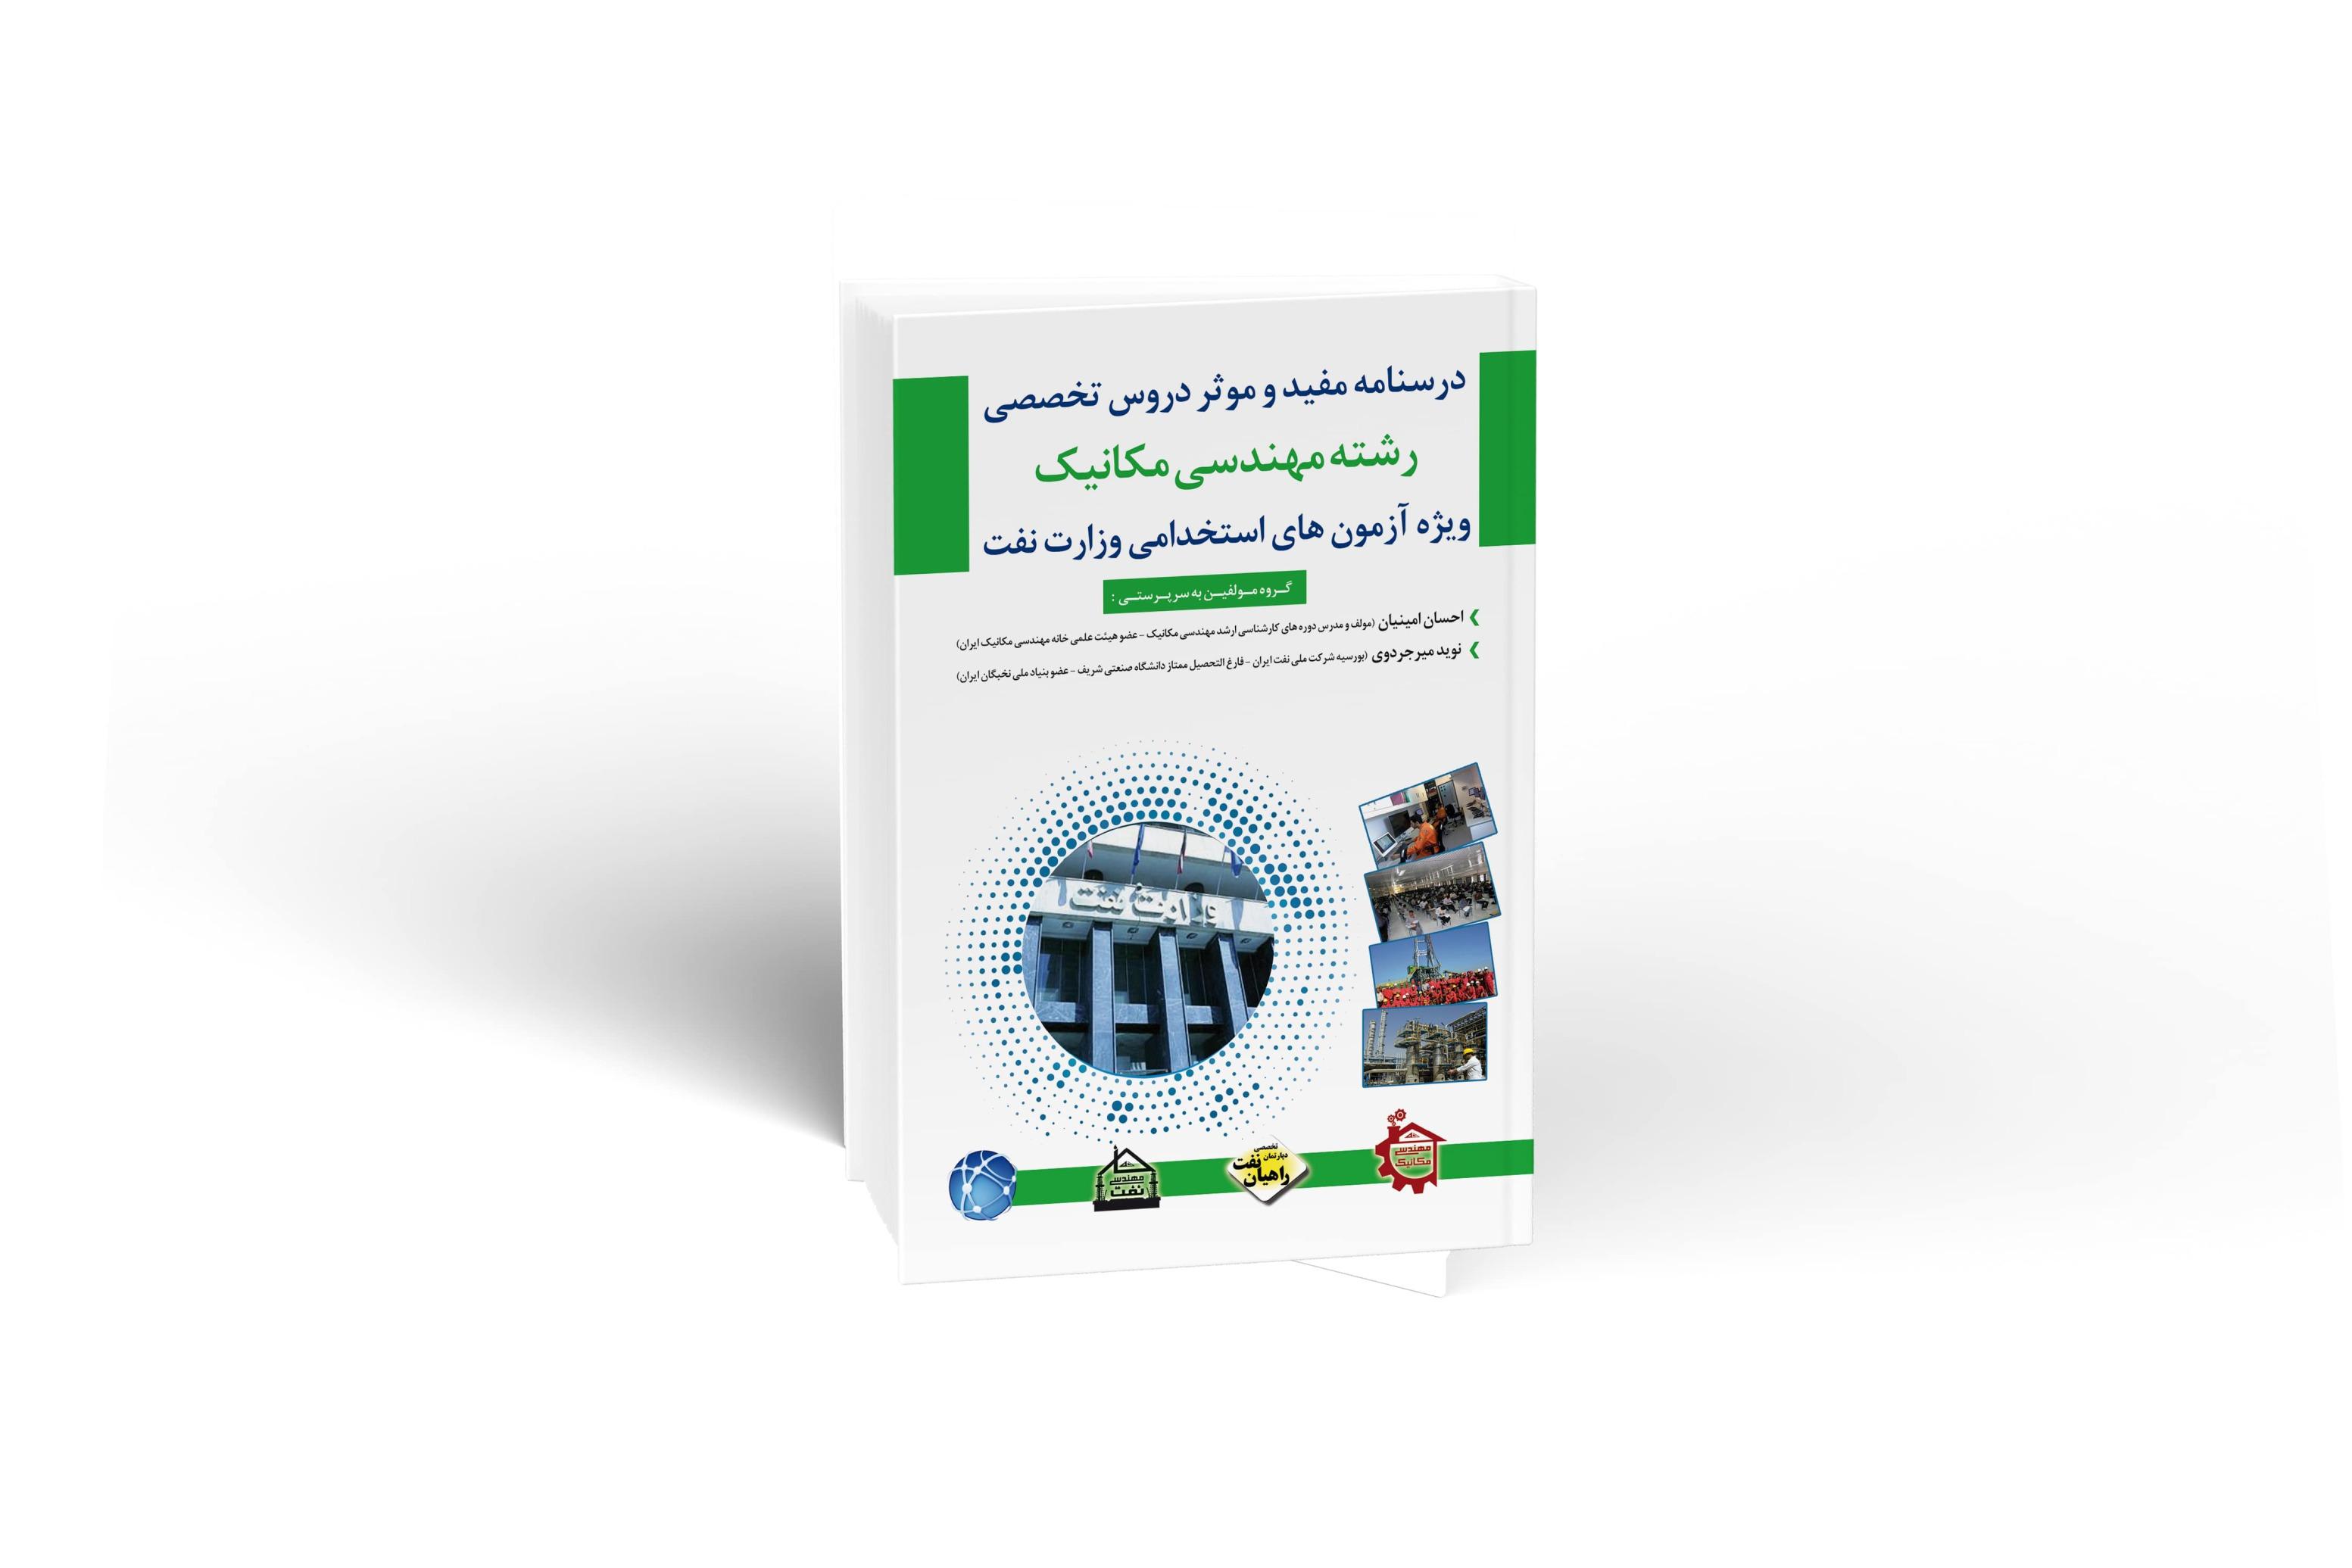 درسنامه تخصصی استخدامی مهندسی مکانیک